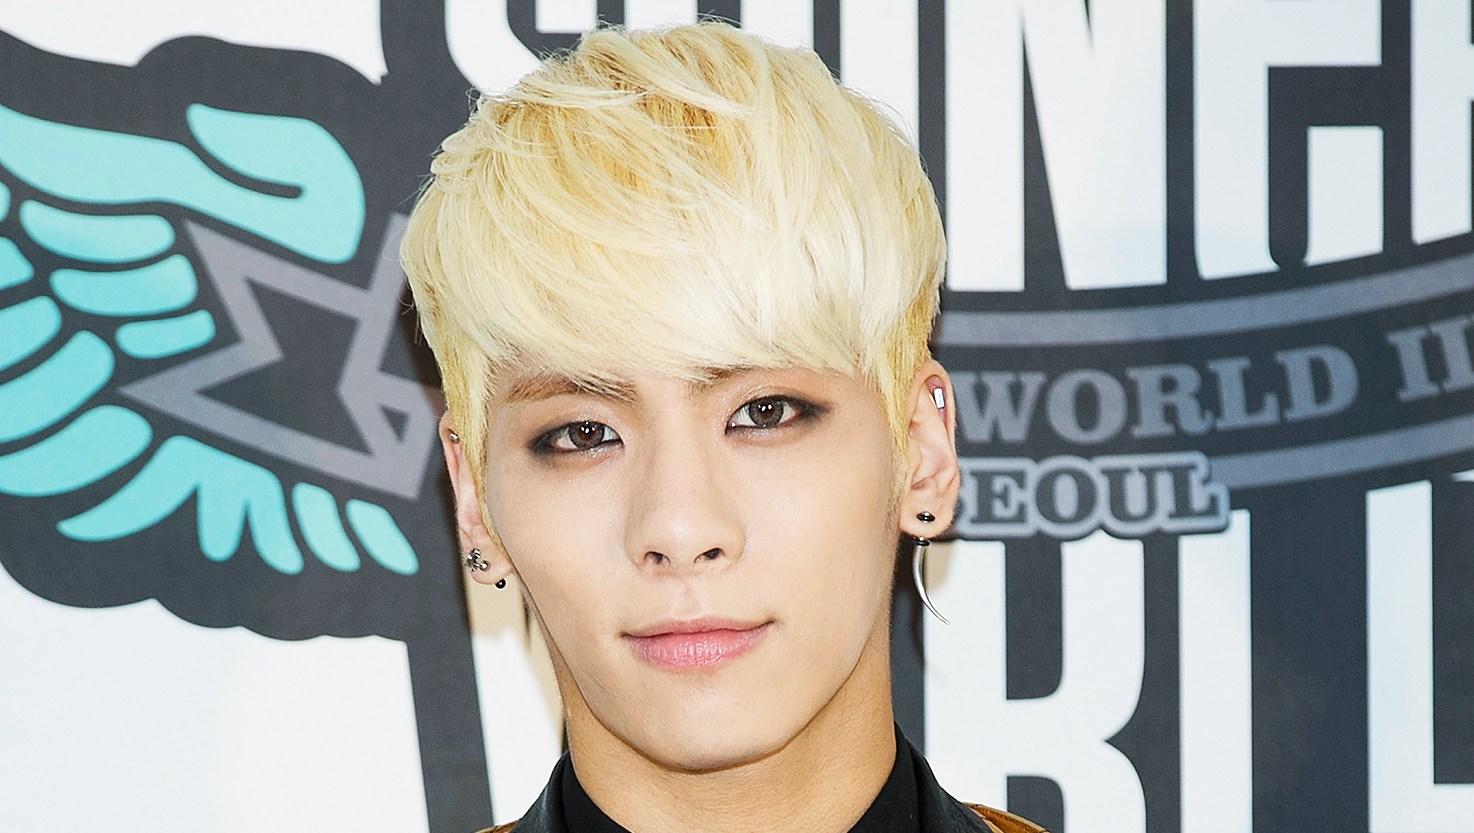 Jonghyun of South Korean boy band SHINee